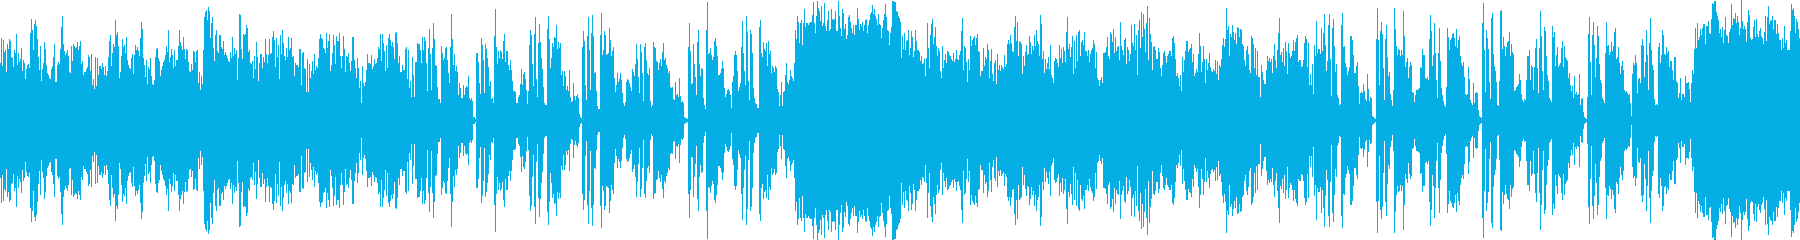 【ループ】アコーディオンの可愛いBGMの再生済みの波形